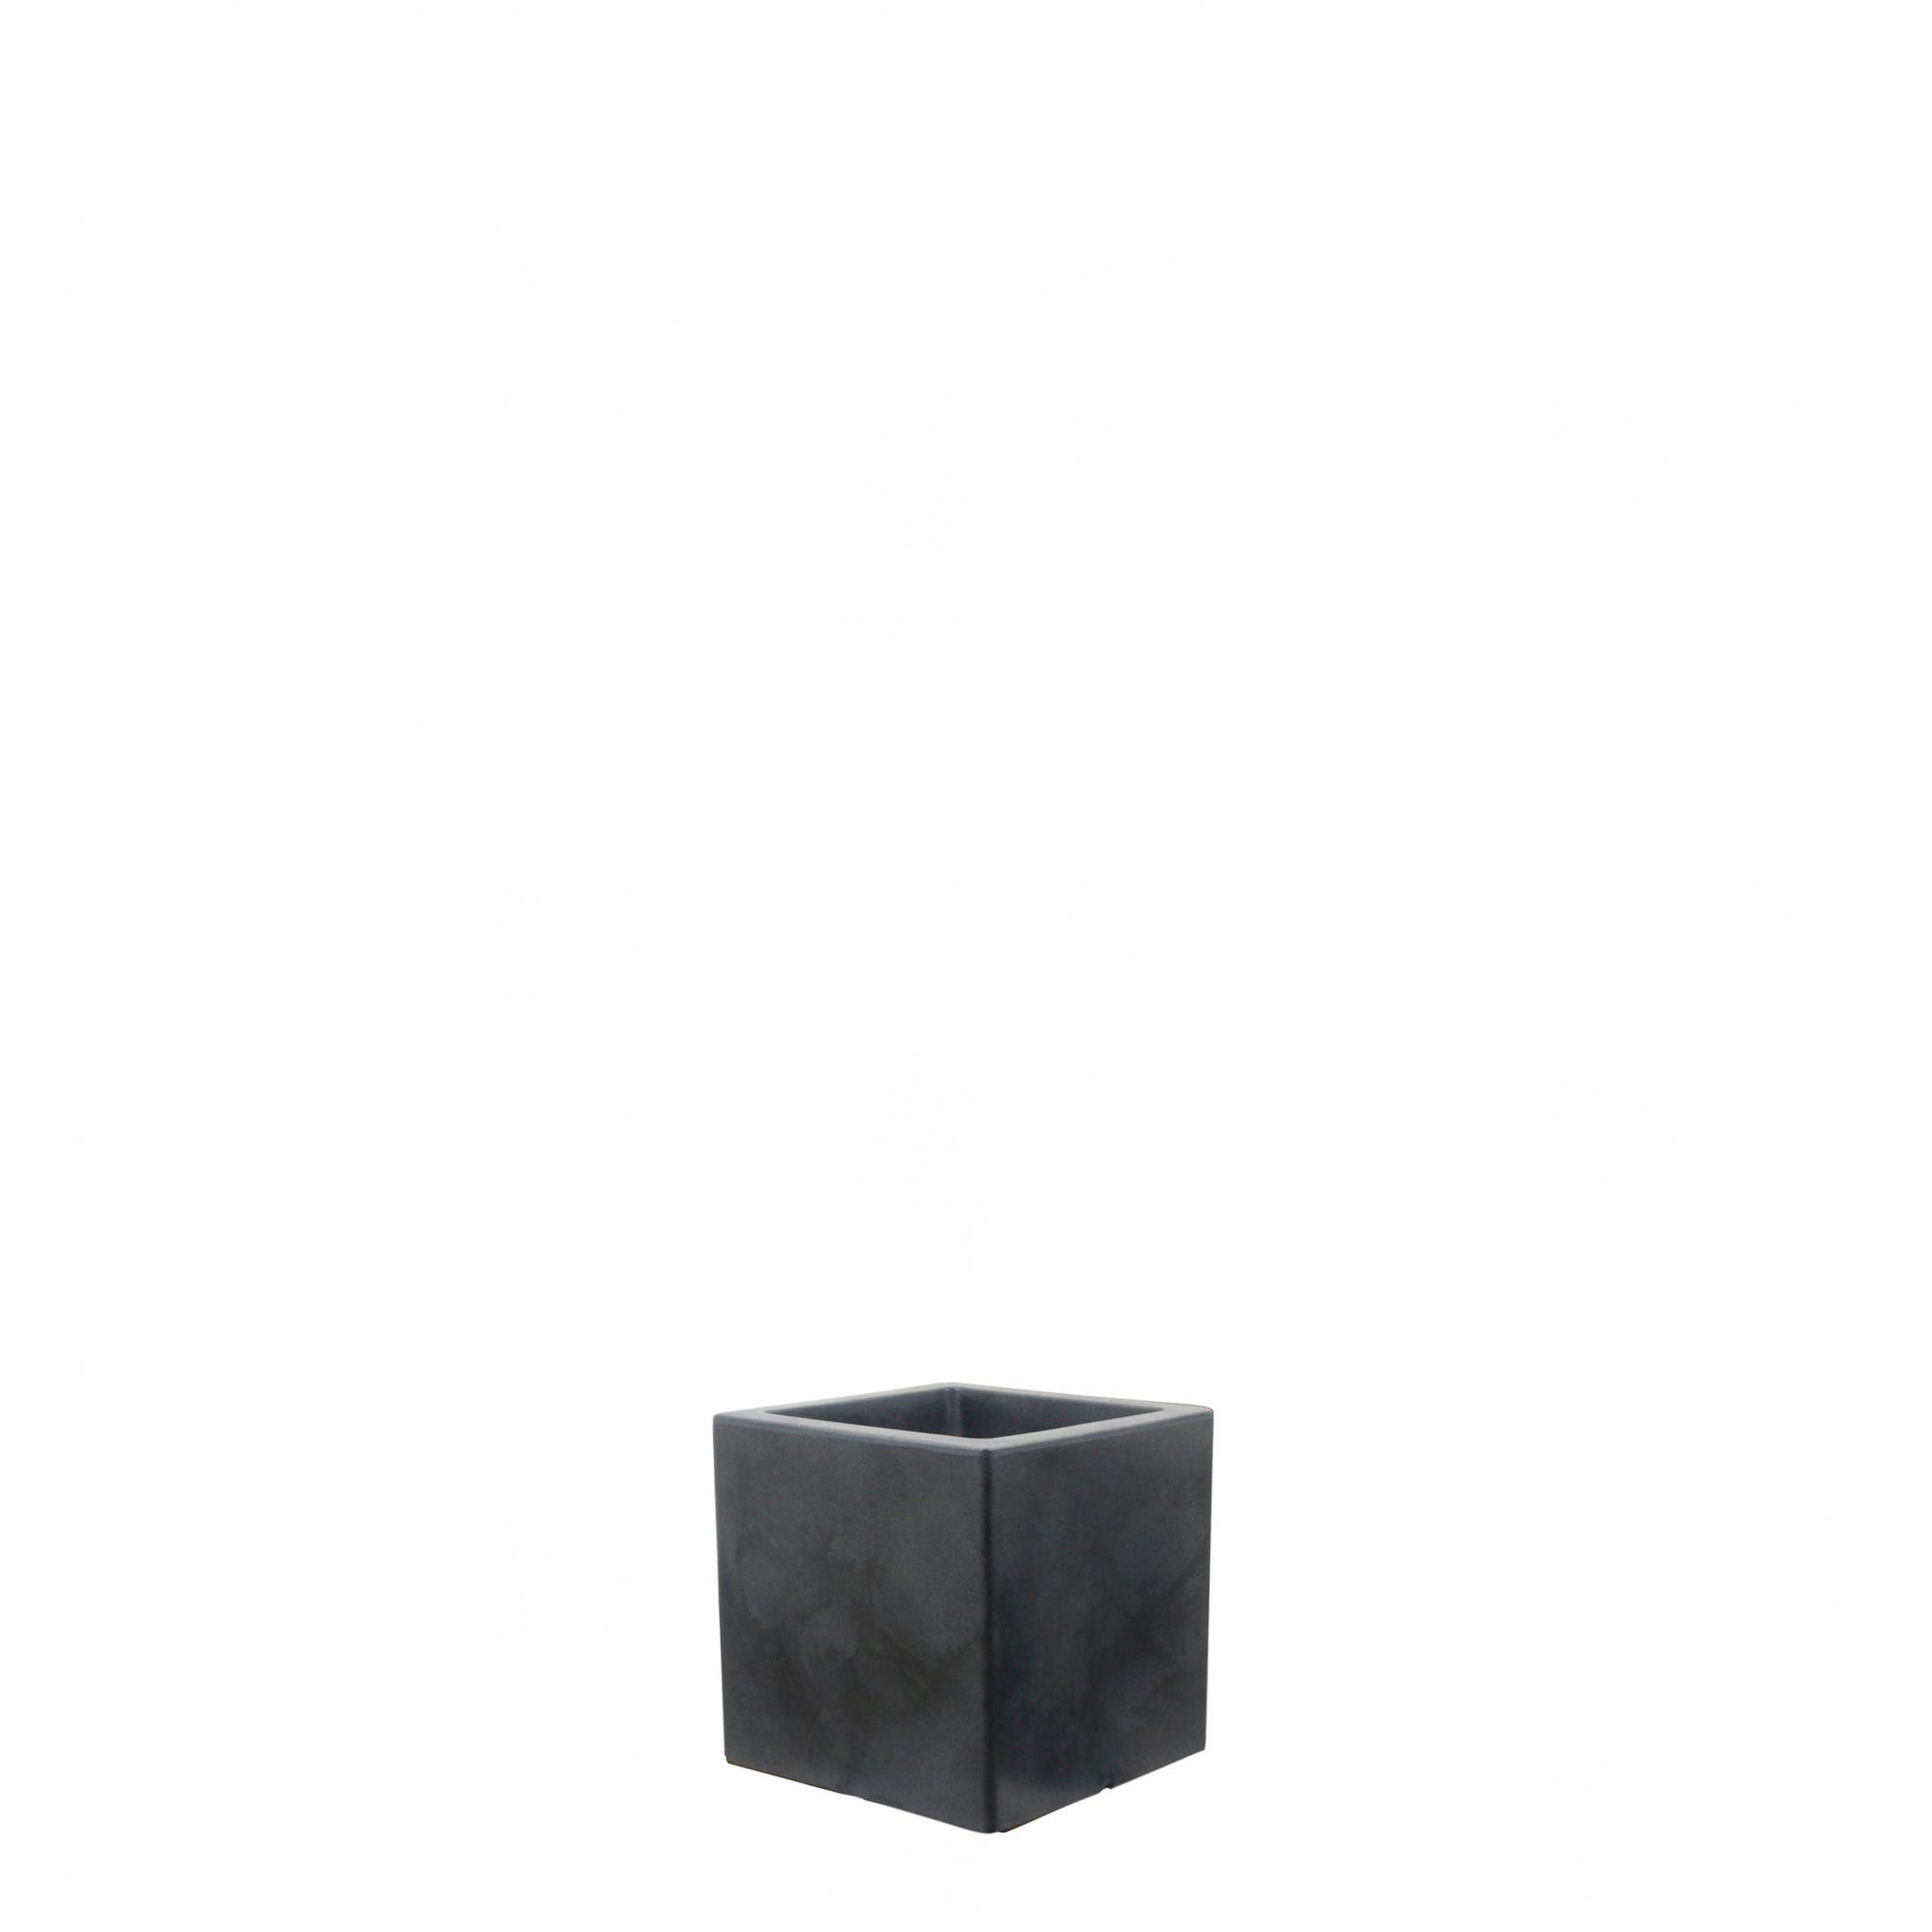 Vaso Cubo 40 x 40 cm - VASART